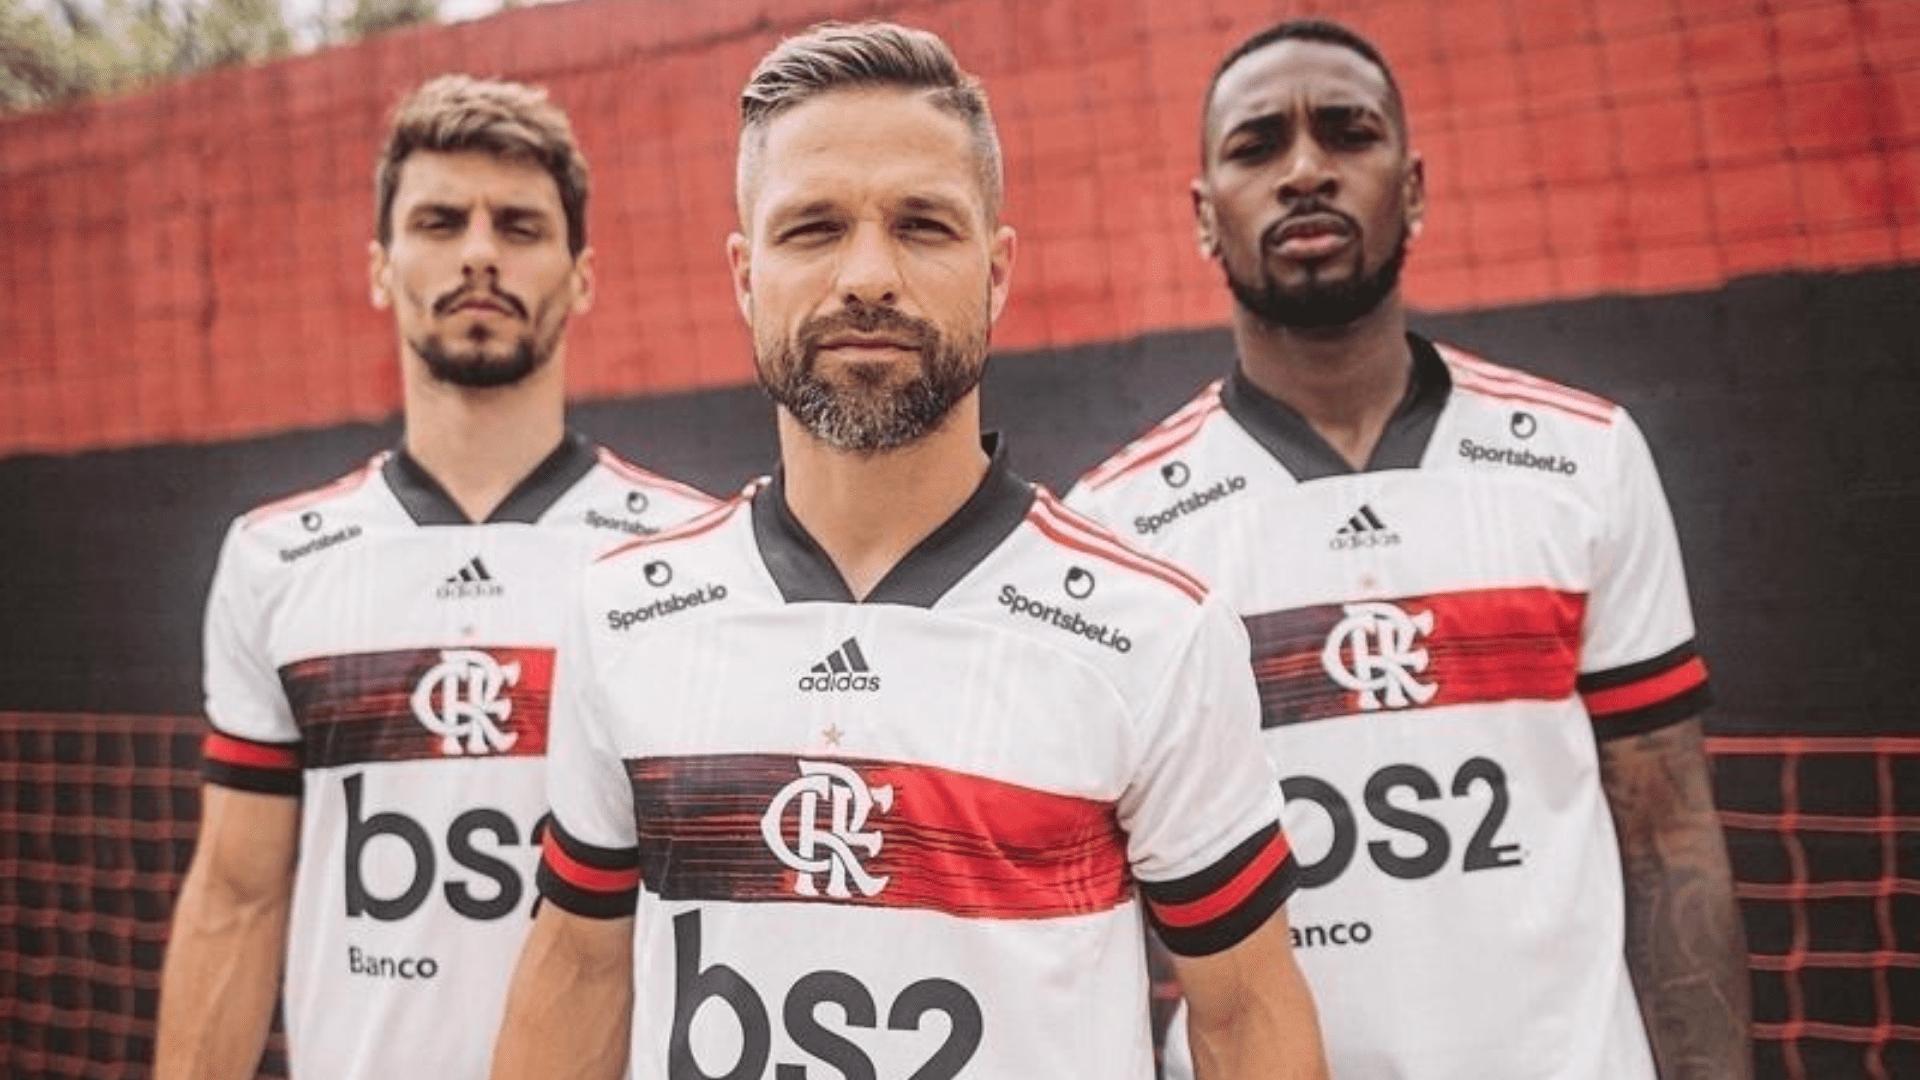 A segunda camisa do Flamengo é branca remete ao uniforme do rubro-negro no final da década de 70 (Imagem: Divulgação/Flamengo)